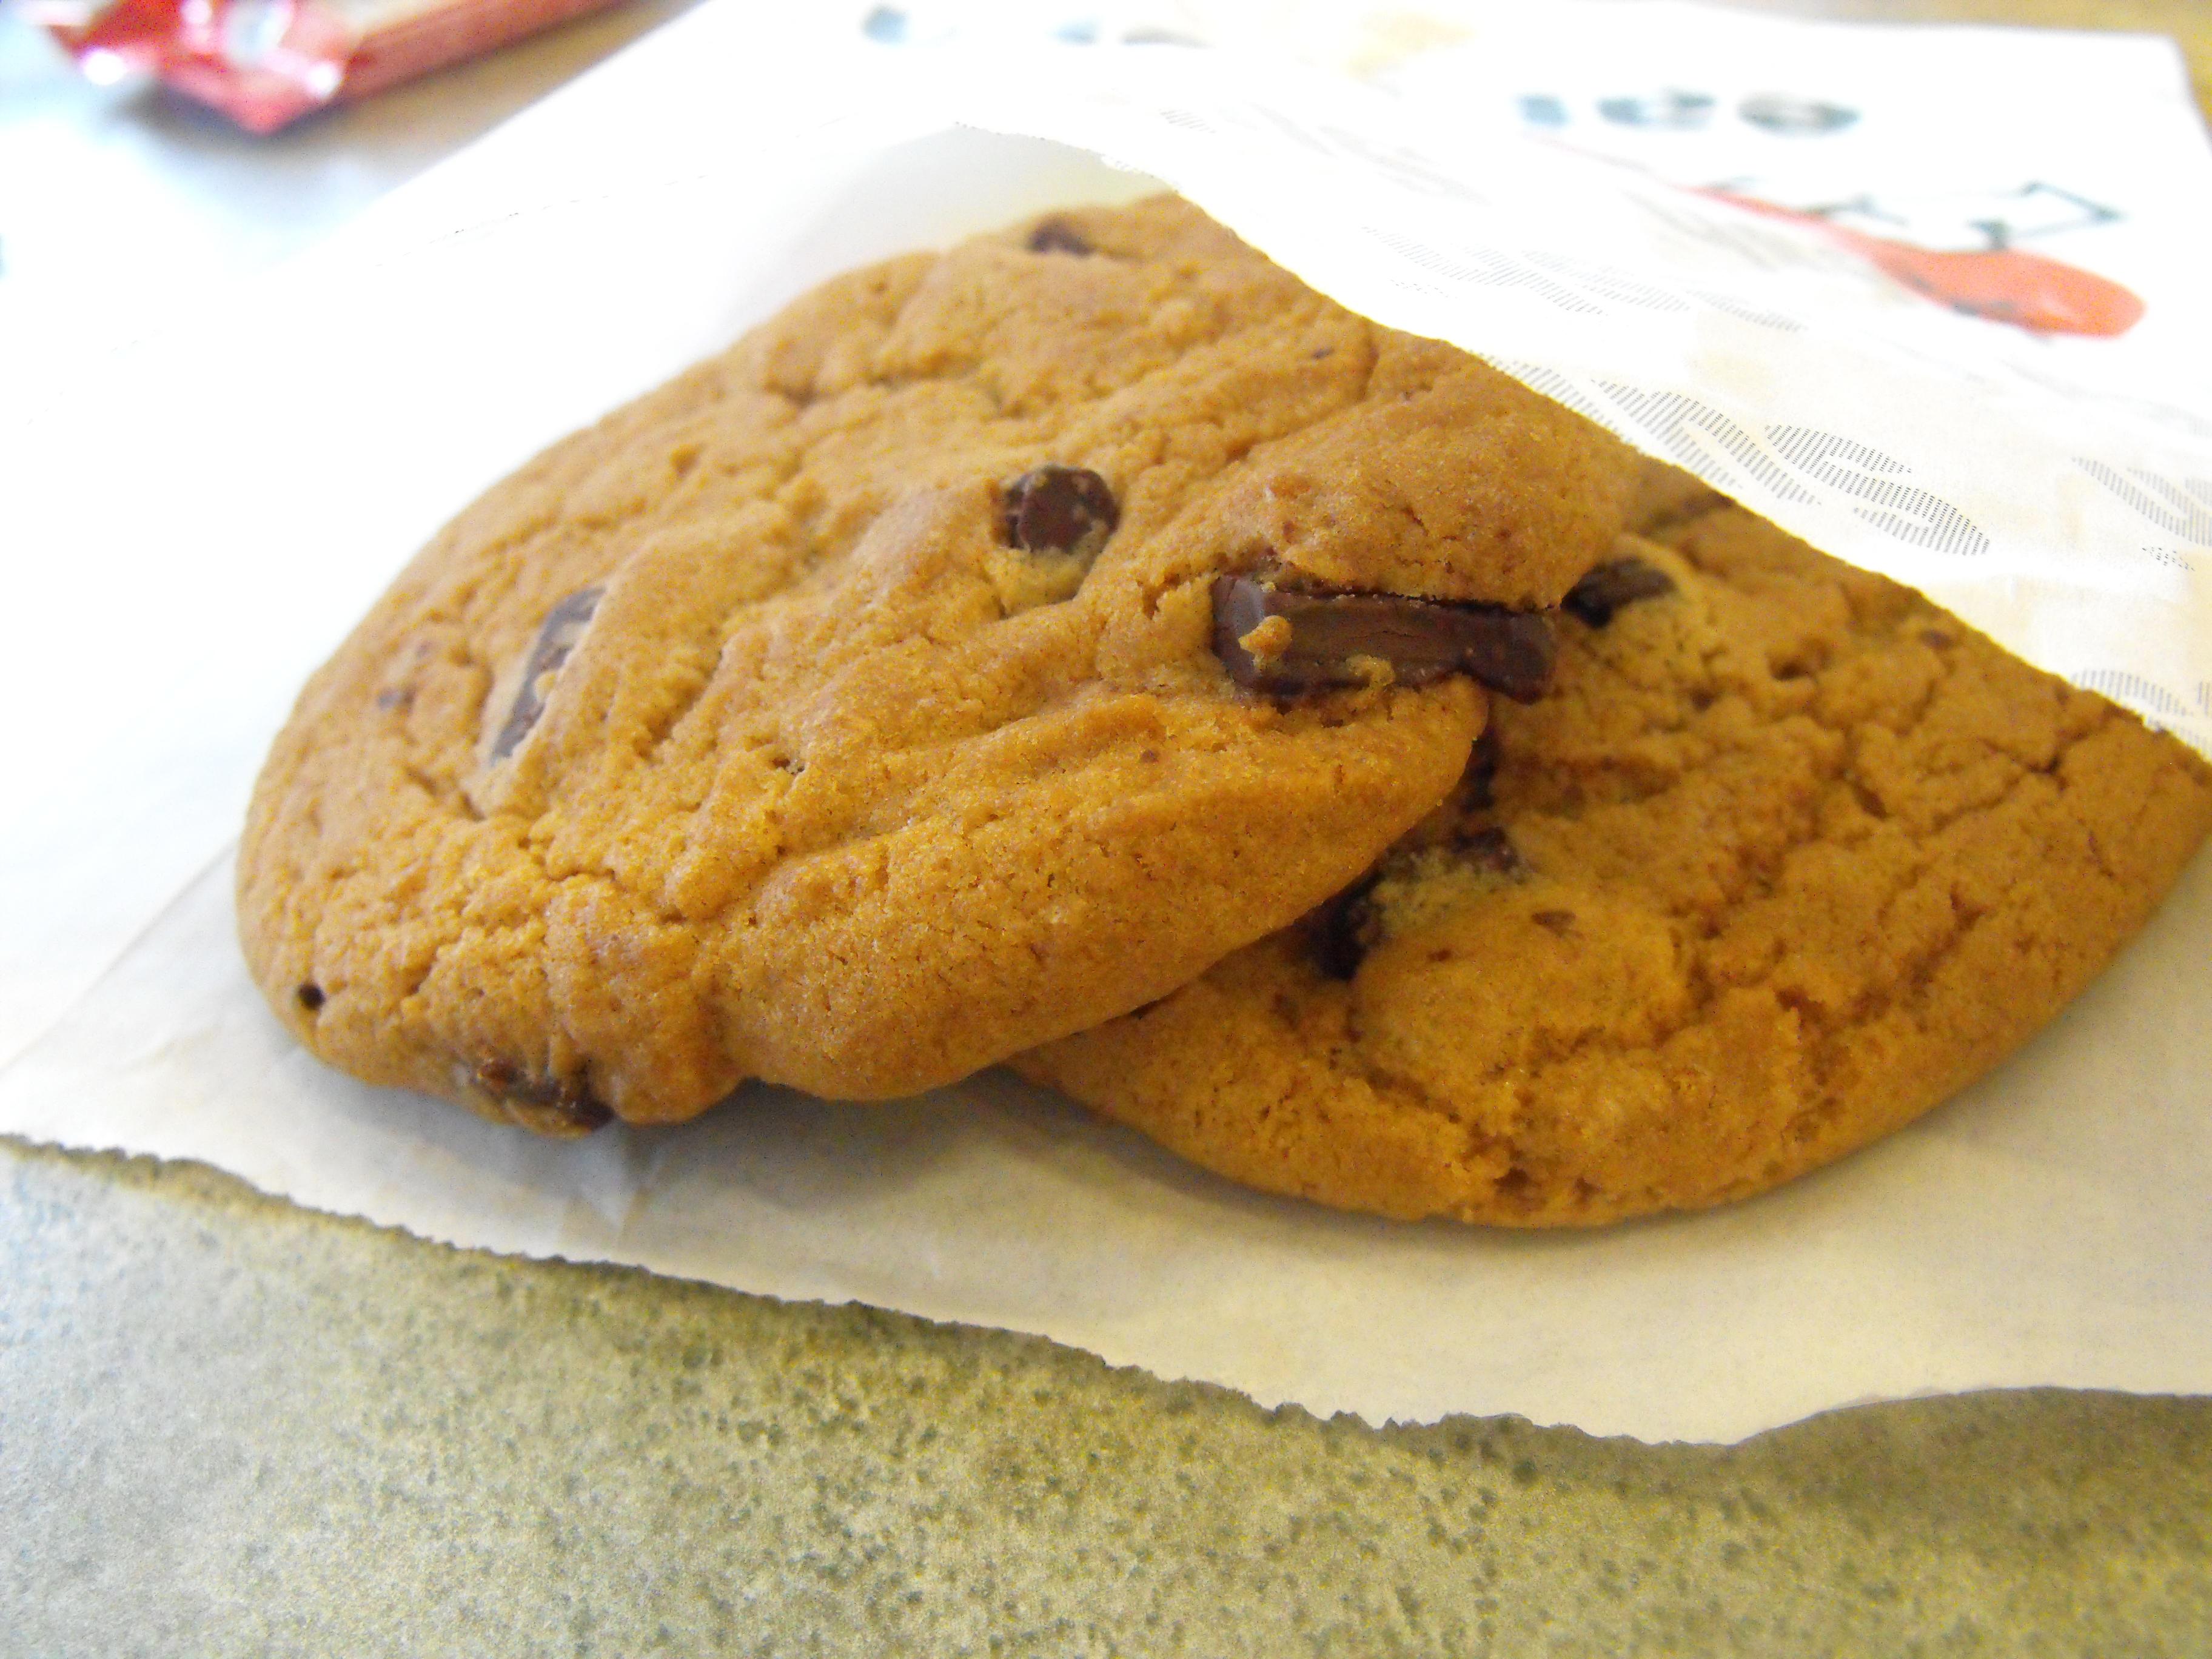 http://foodloader.net/cutie_2009-12-27_Cookies.jpg